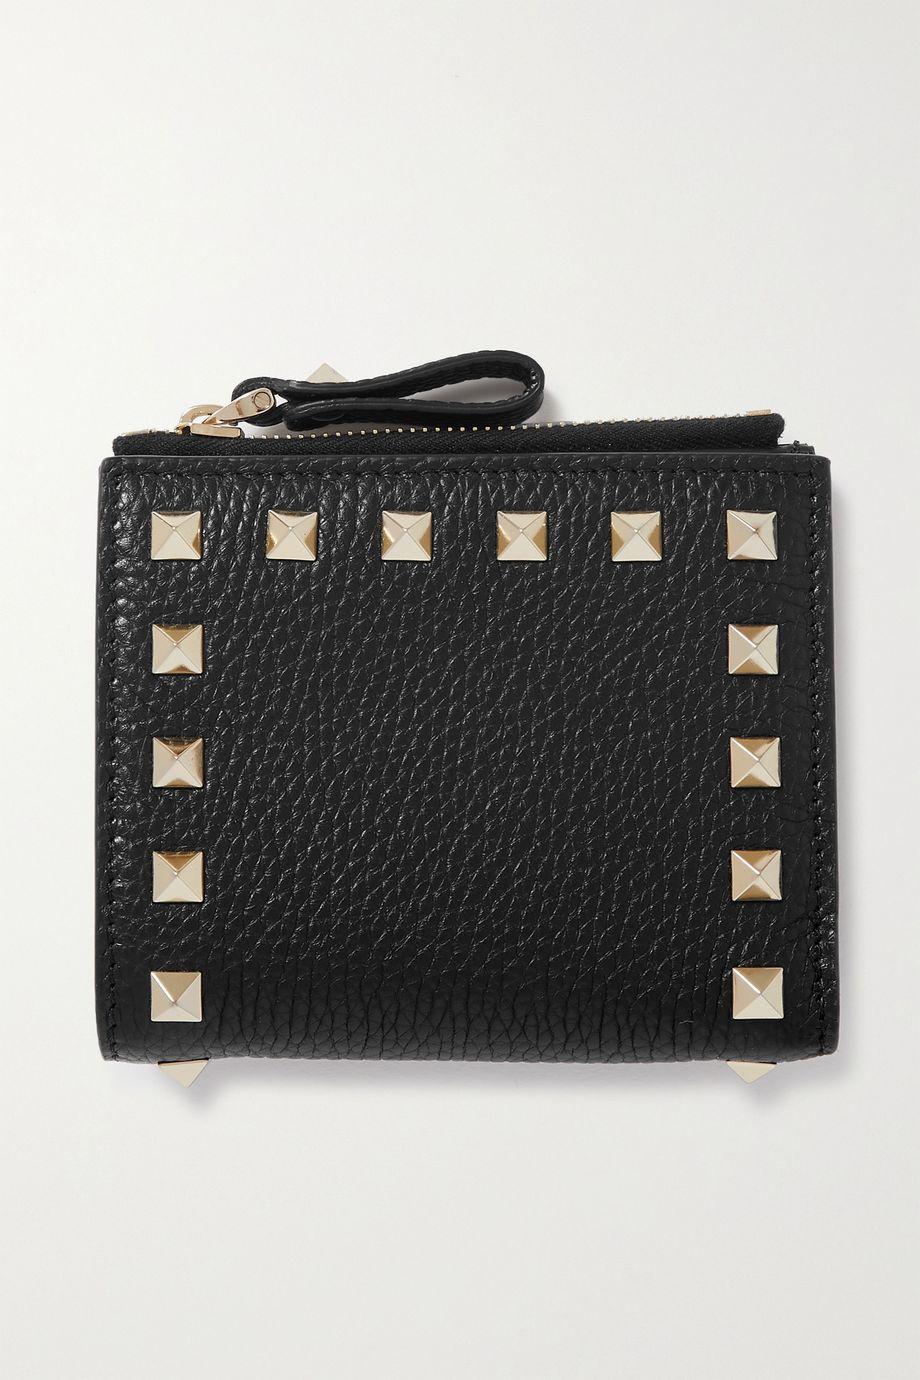 Valentino Valentino Garavani Rockstud Portemonnaie aus strukturiertem Leder